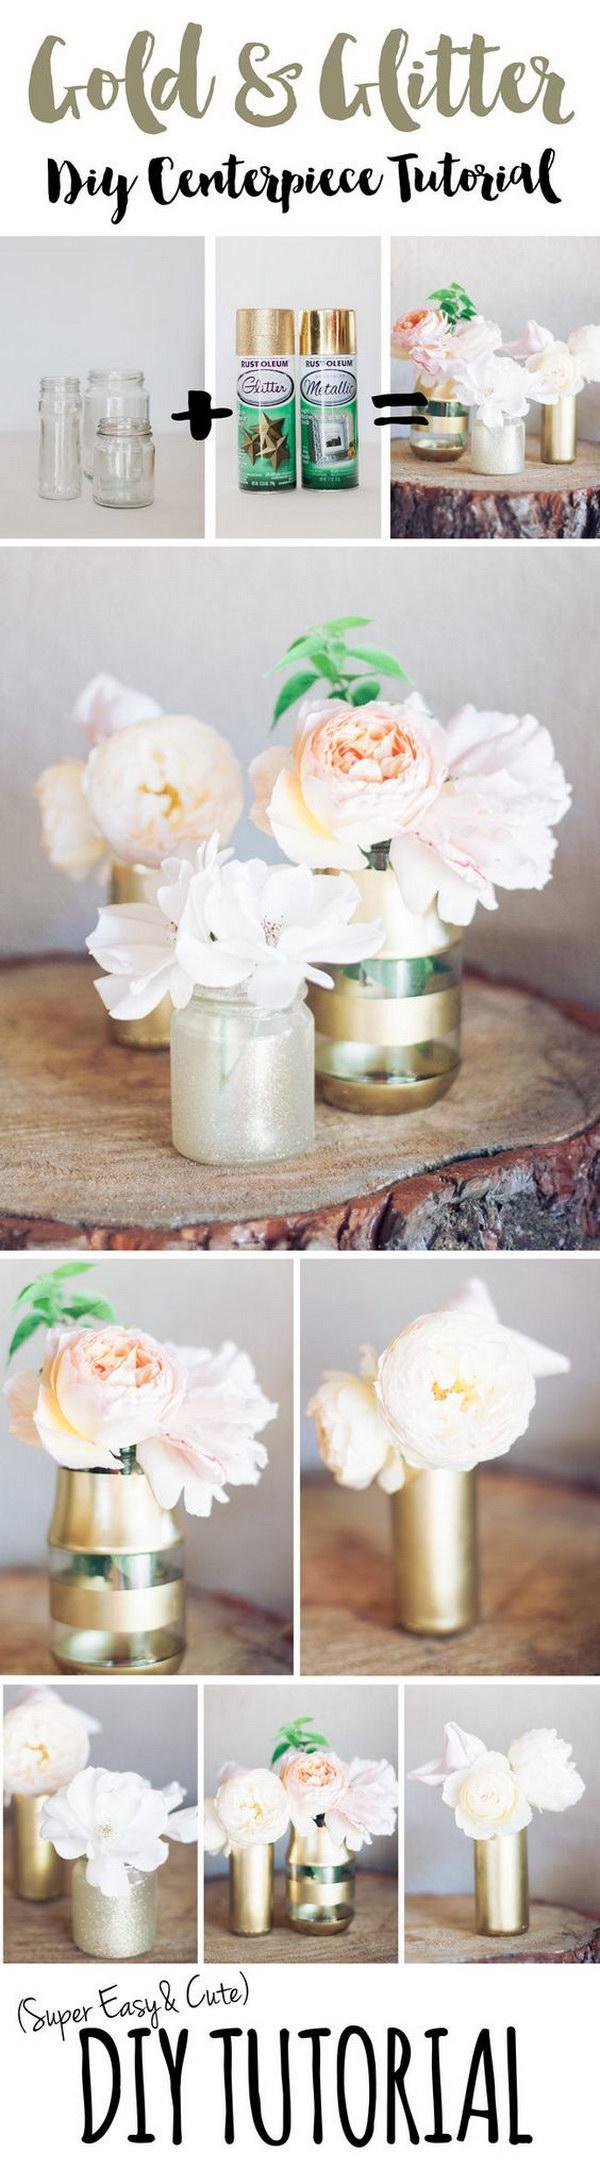 DIY Gold Glitter Bottle Vase